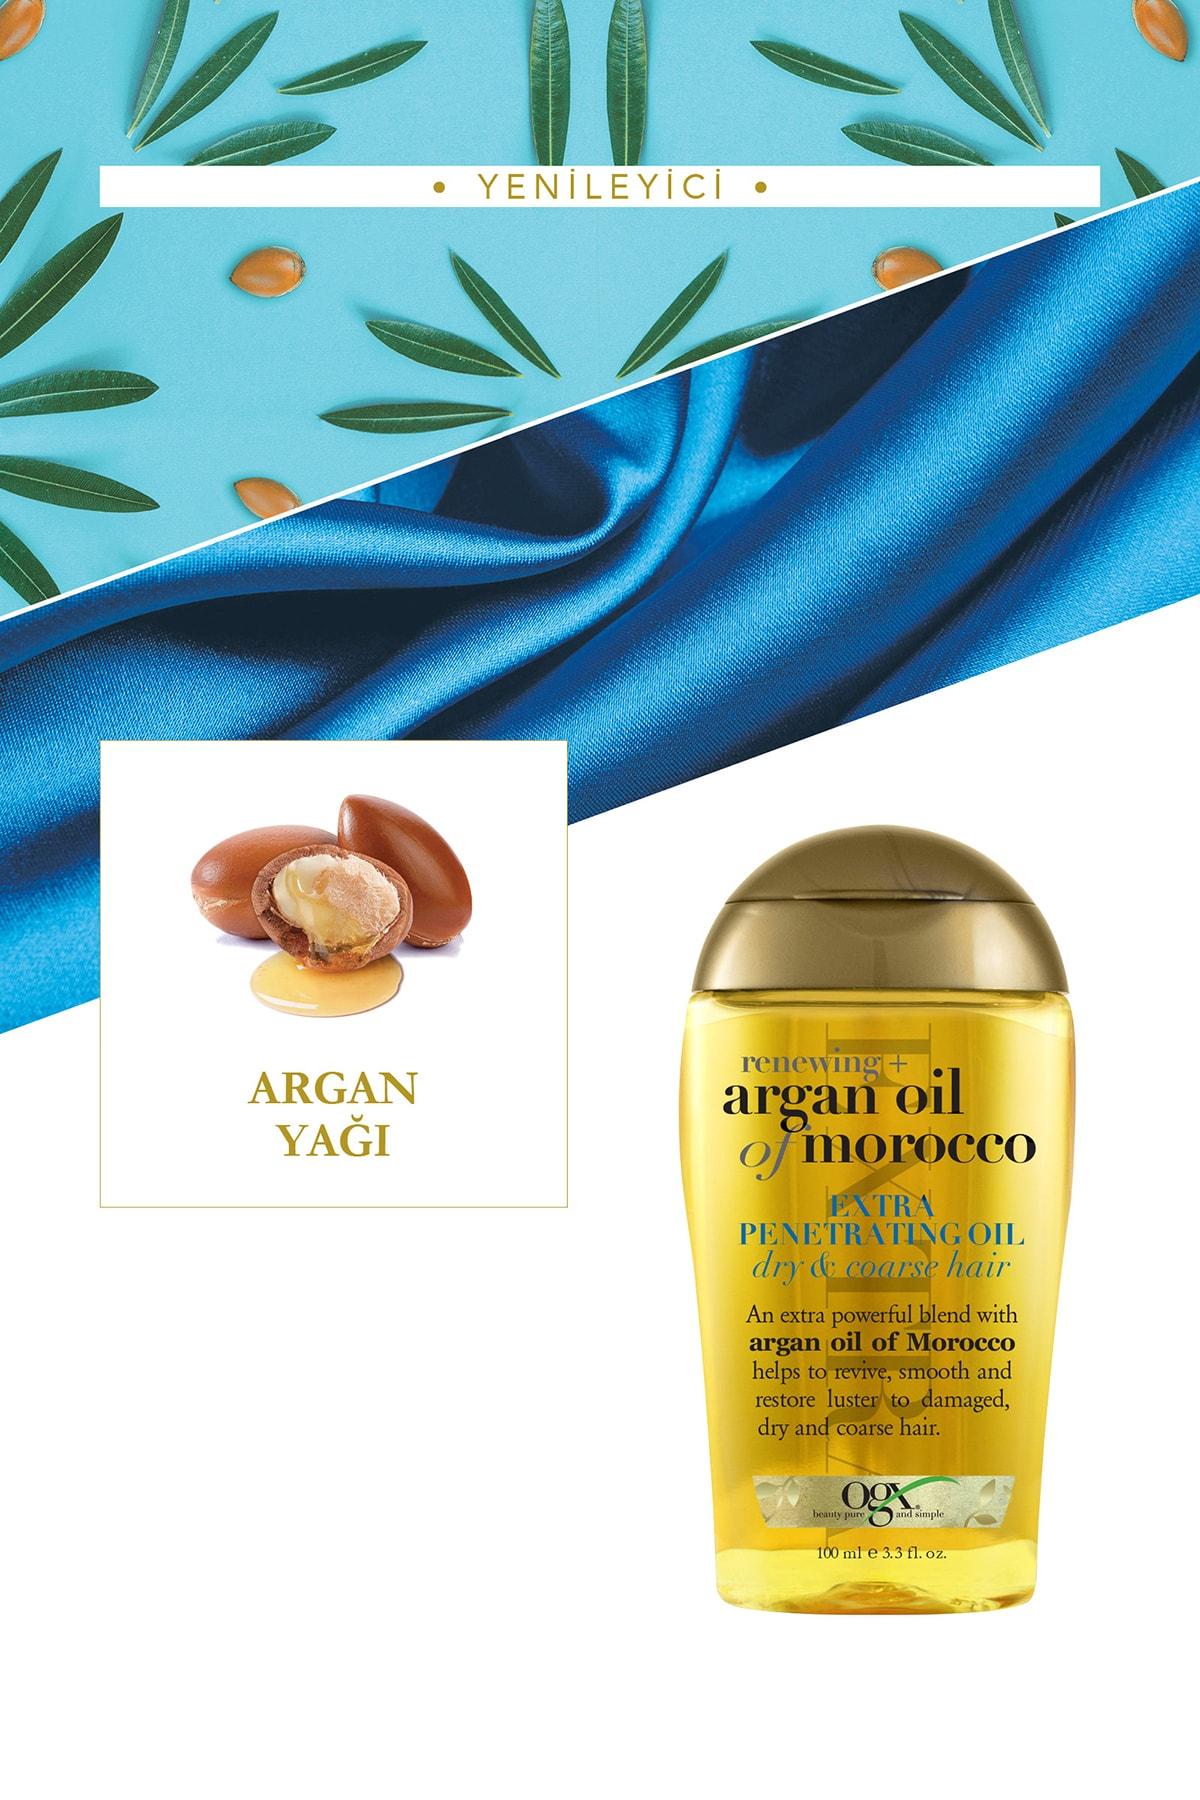 OGX Yenileyici Argan Oil of Morocco 100 ml